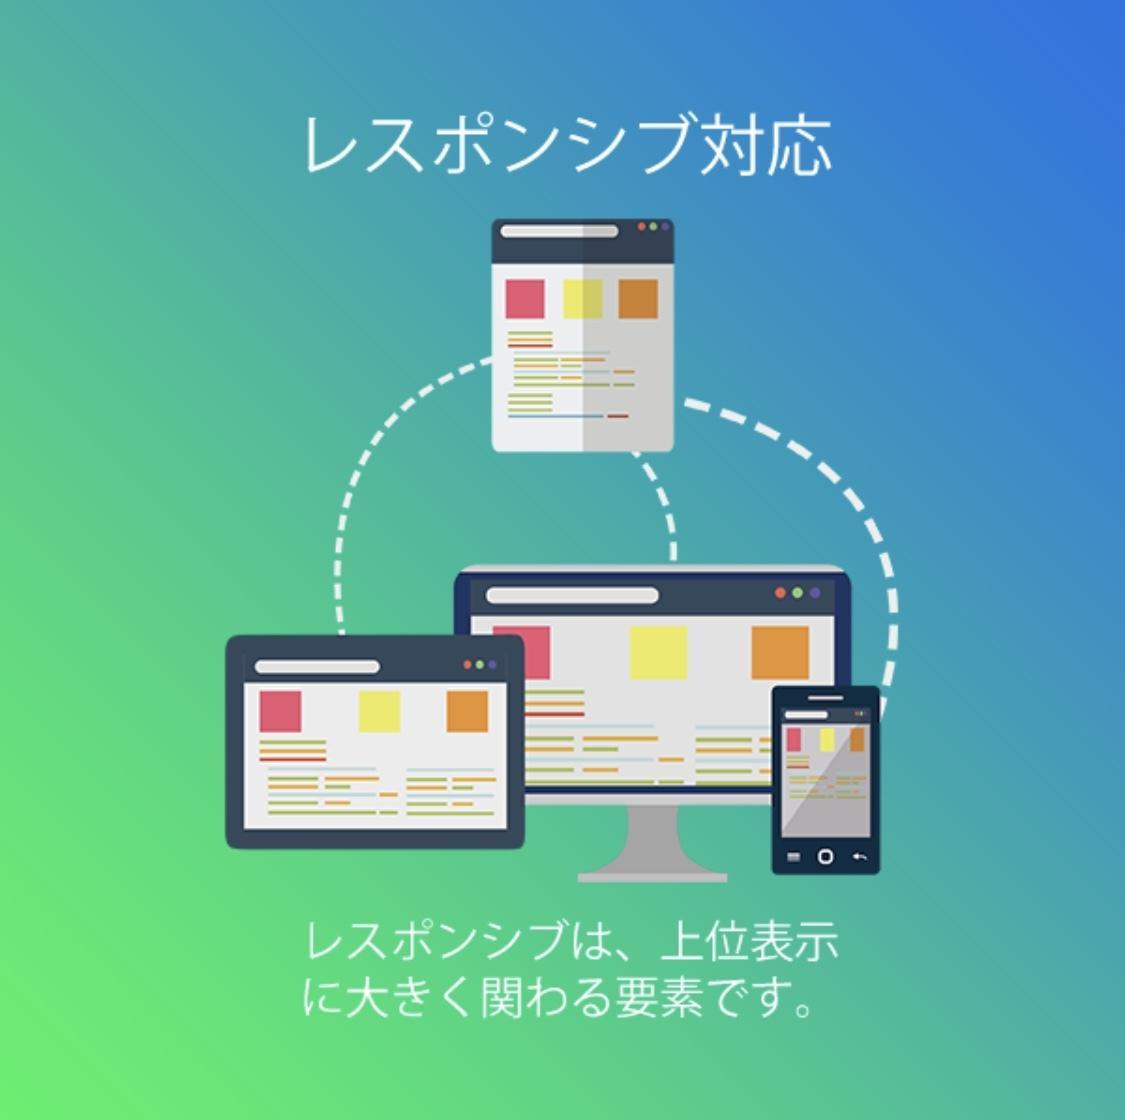 サイト構築・デザインにお困りの方にサイト制作します 思わず目を惹くモダンデザインなサイトを制作いたします。